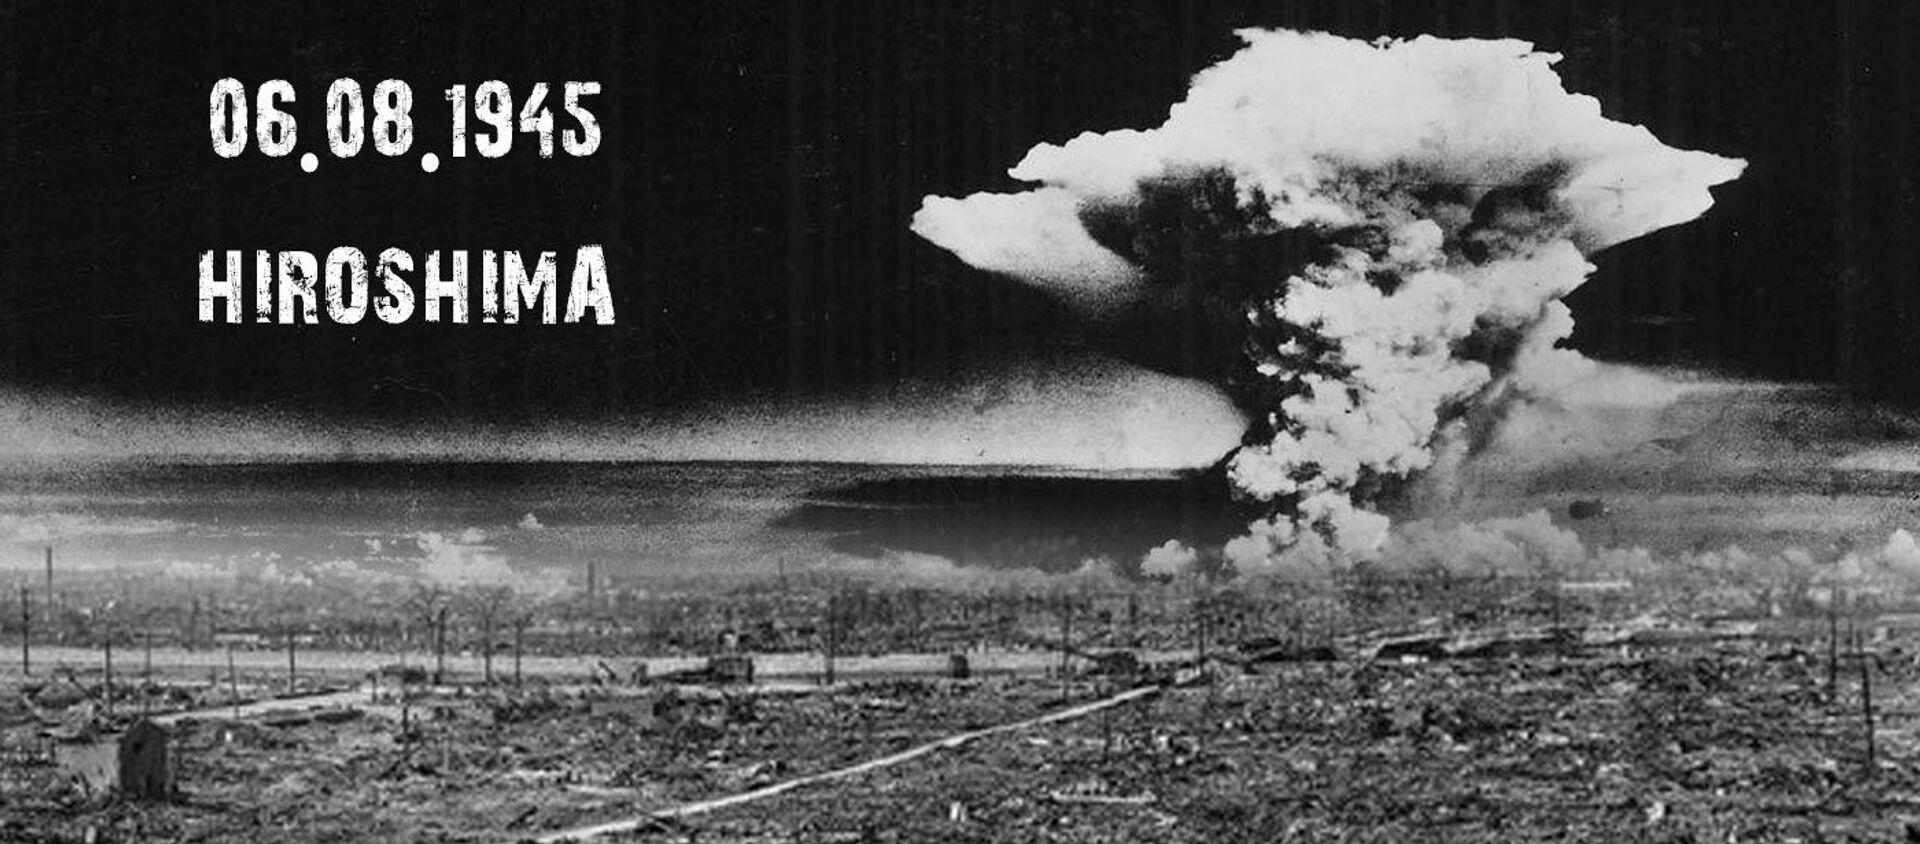 Η ατομική βόμβα στη Χιροσίμα - Sputnik Ελλάδα, 1920, 06.08.2020